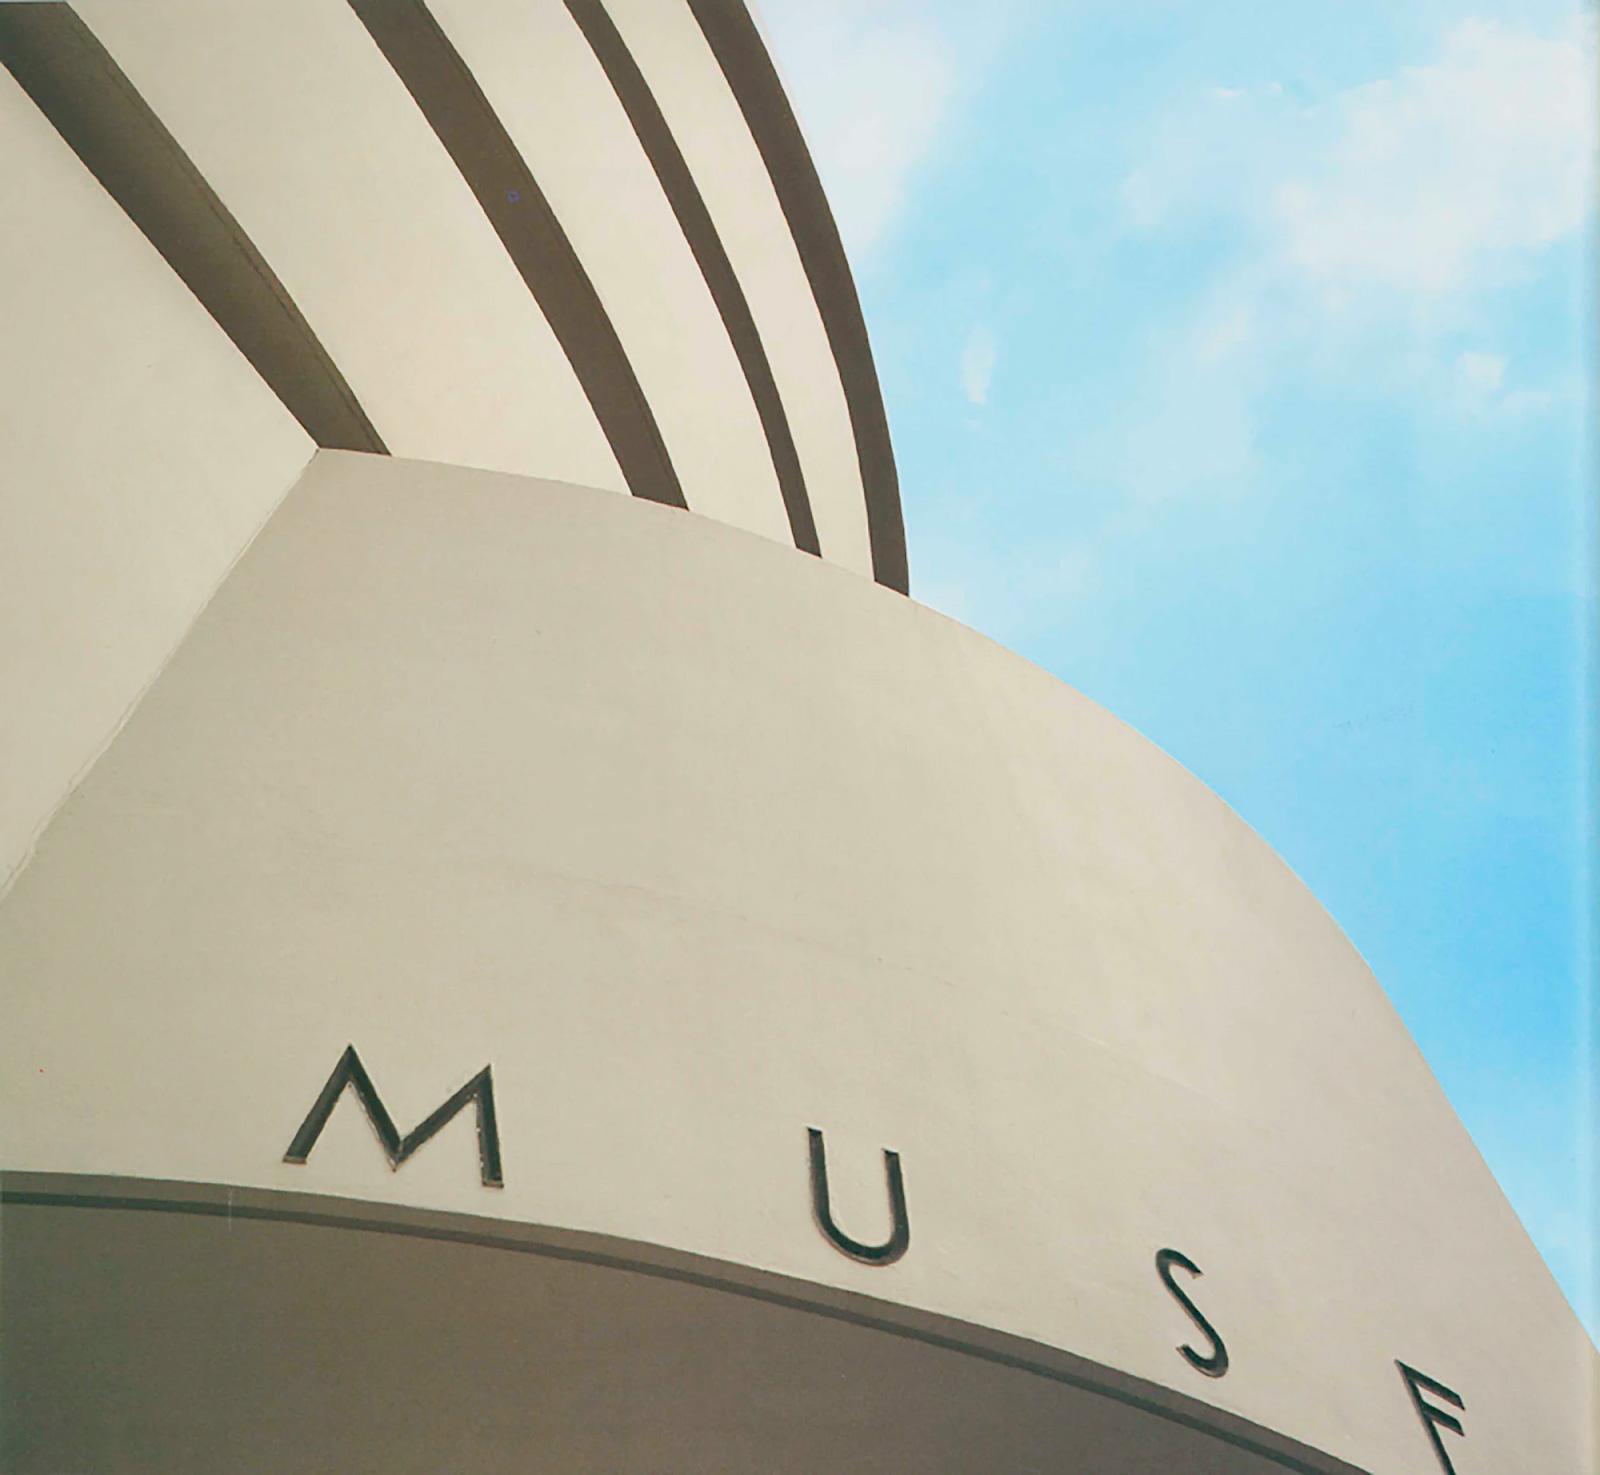 La construcción de la marca Guggenheim